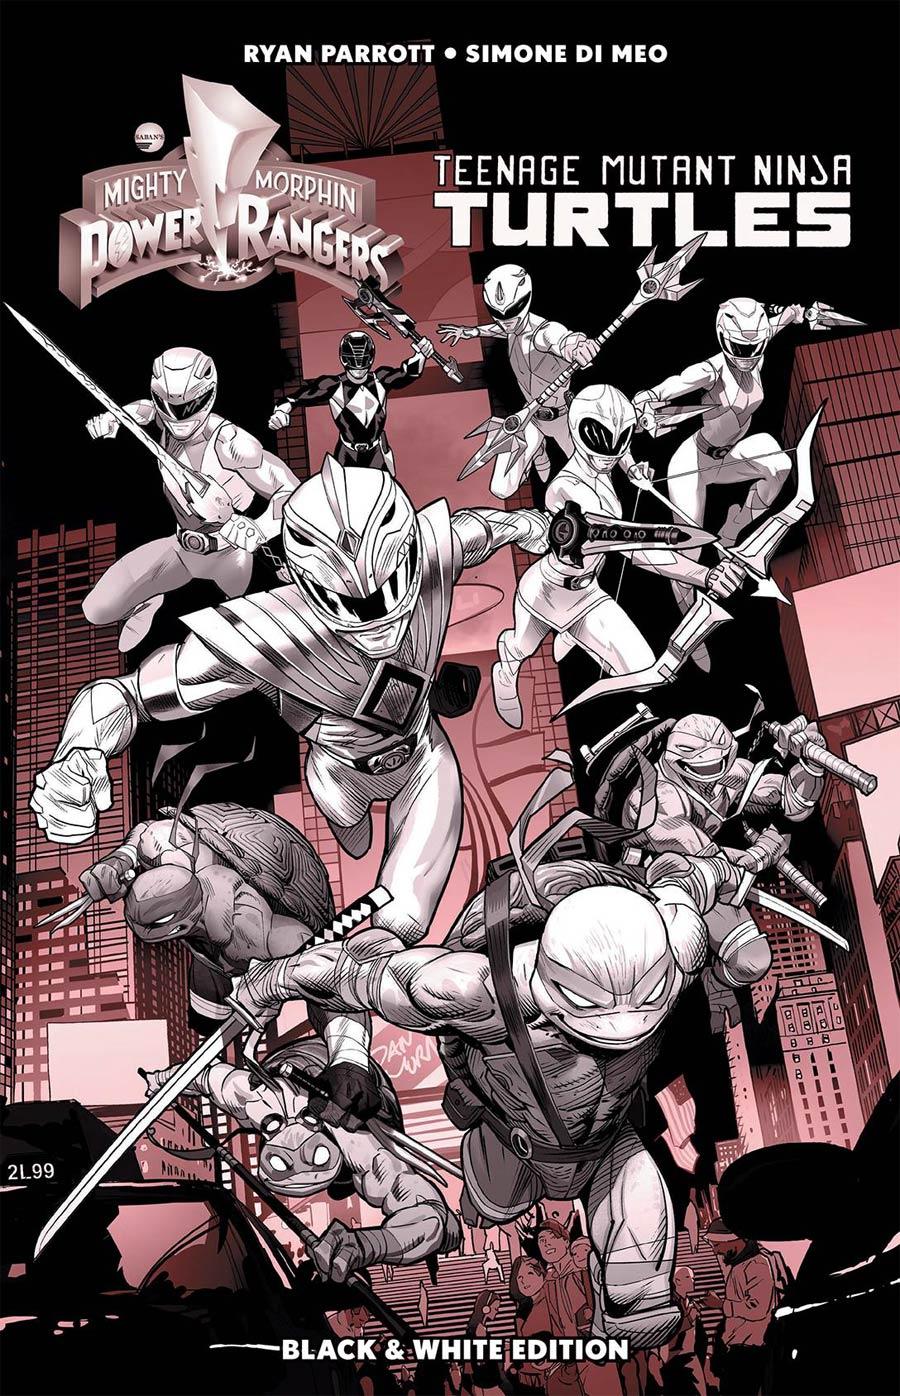 Mighty Morphin Power Rangers Teenage Mutant Ninja Turtles Black & White HC